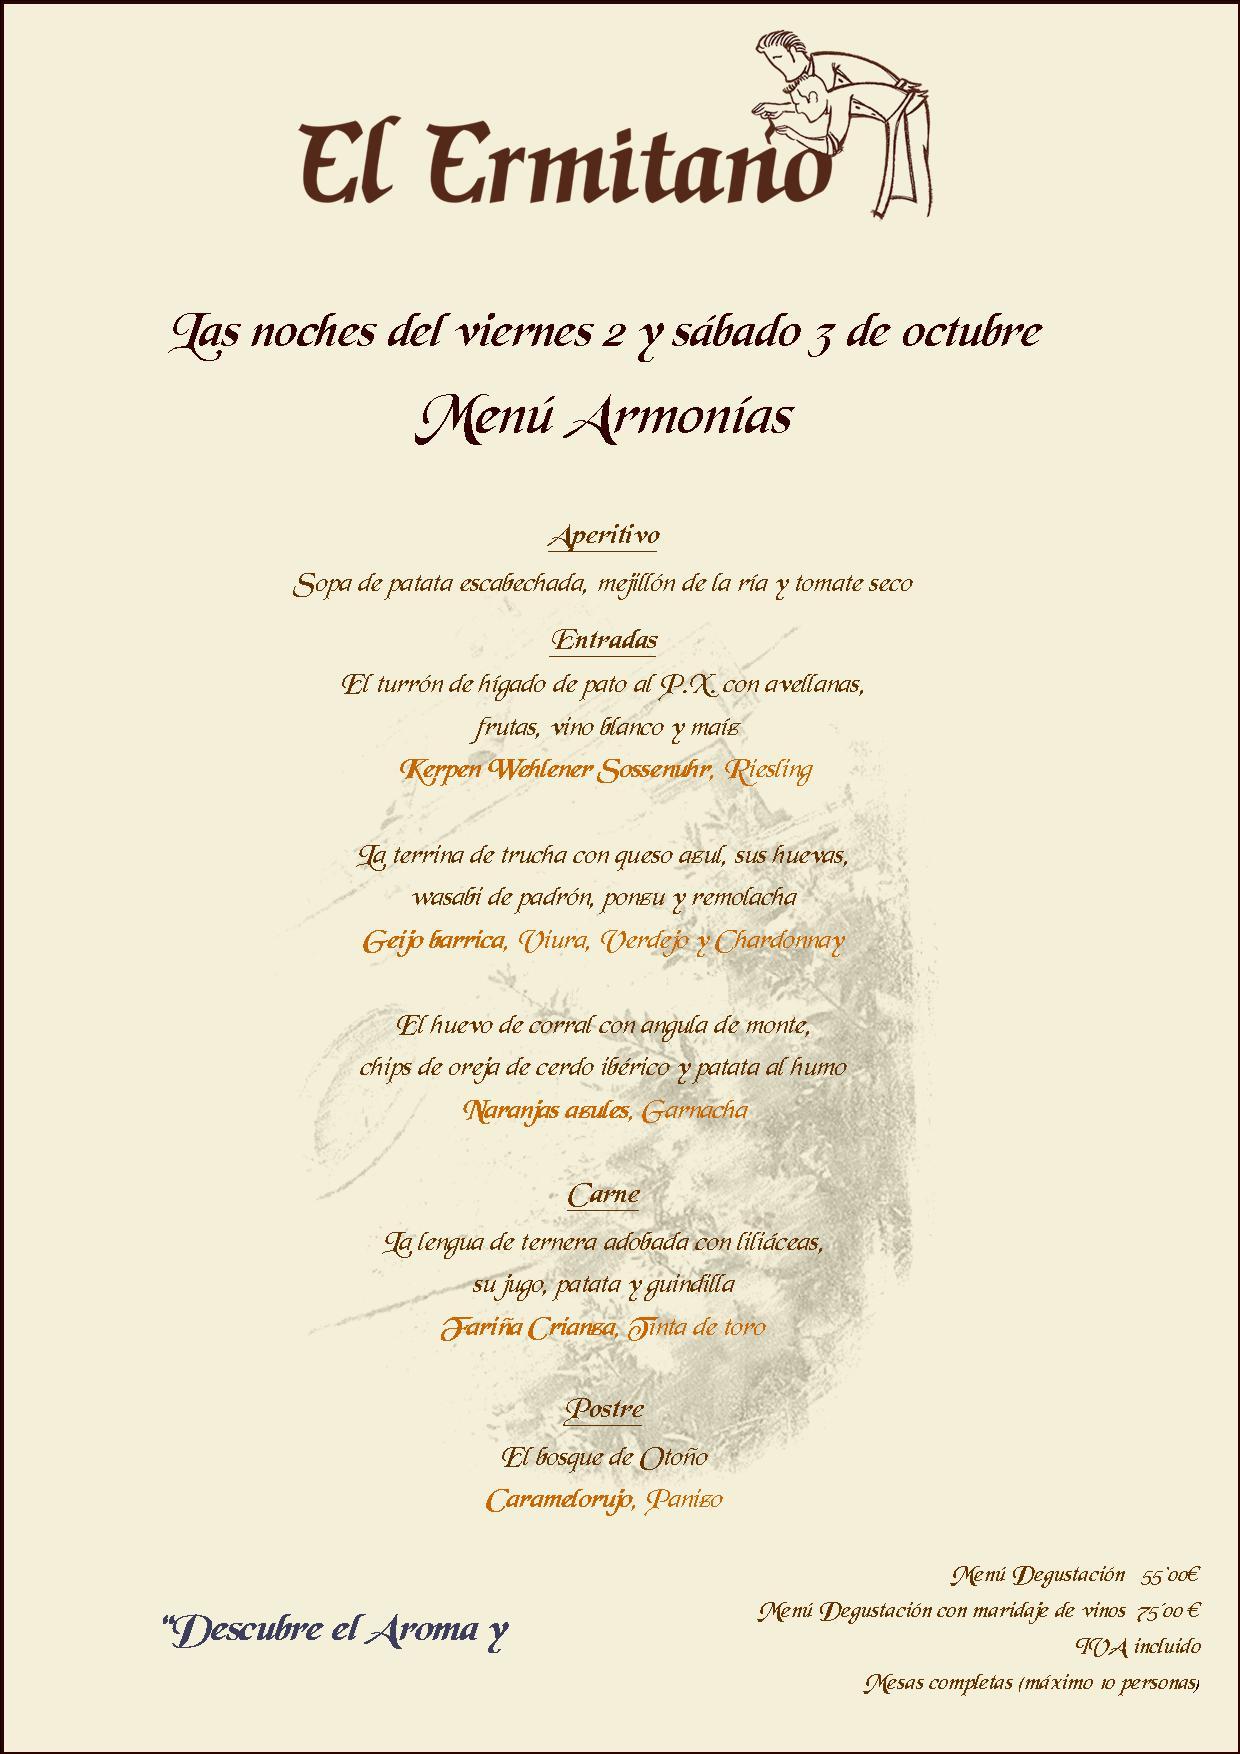 ARMONIAS CENAS 2 Y 3 DE OCTUBRE